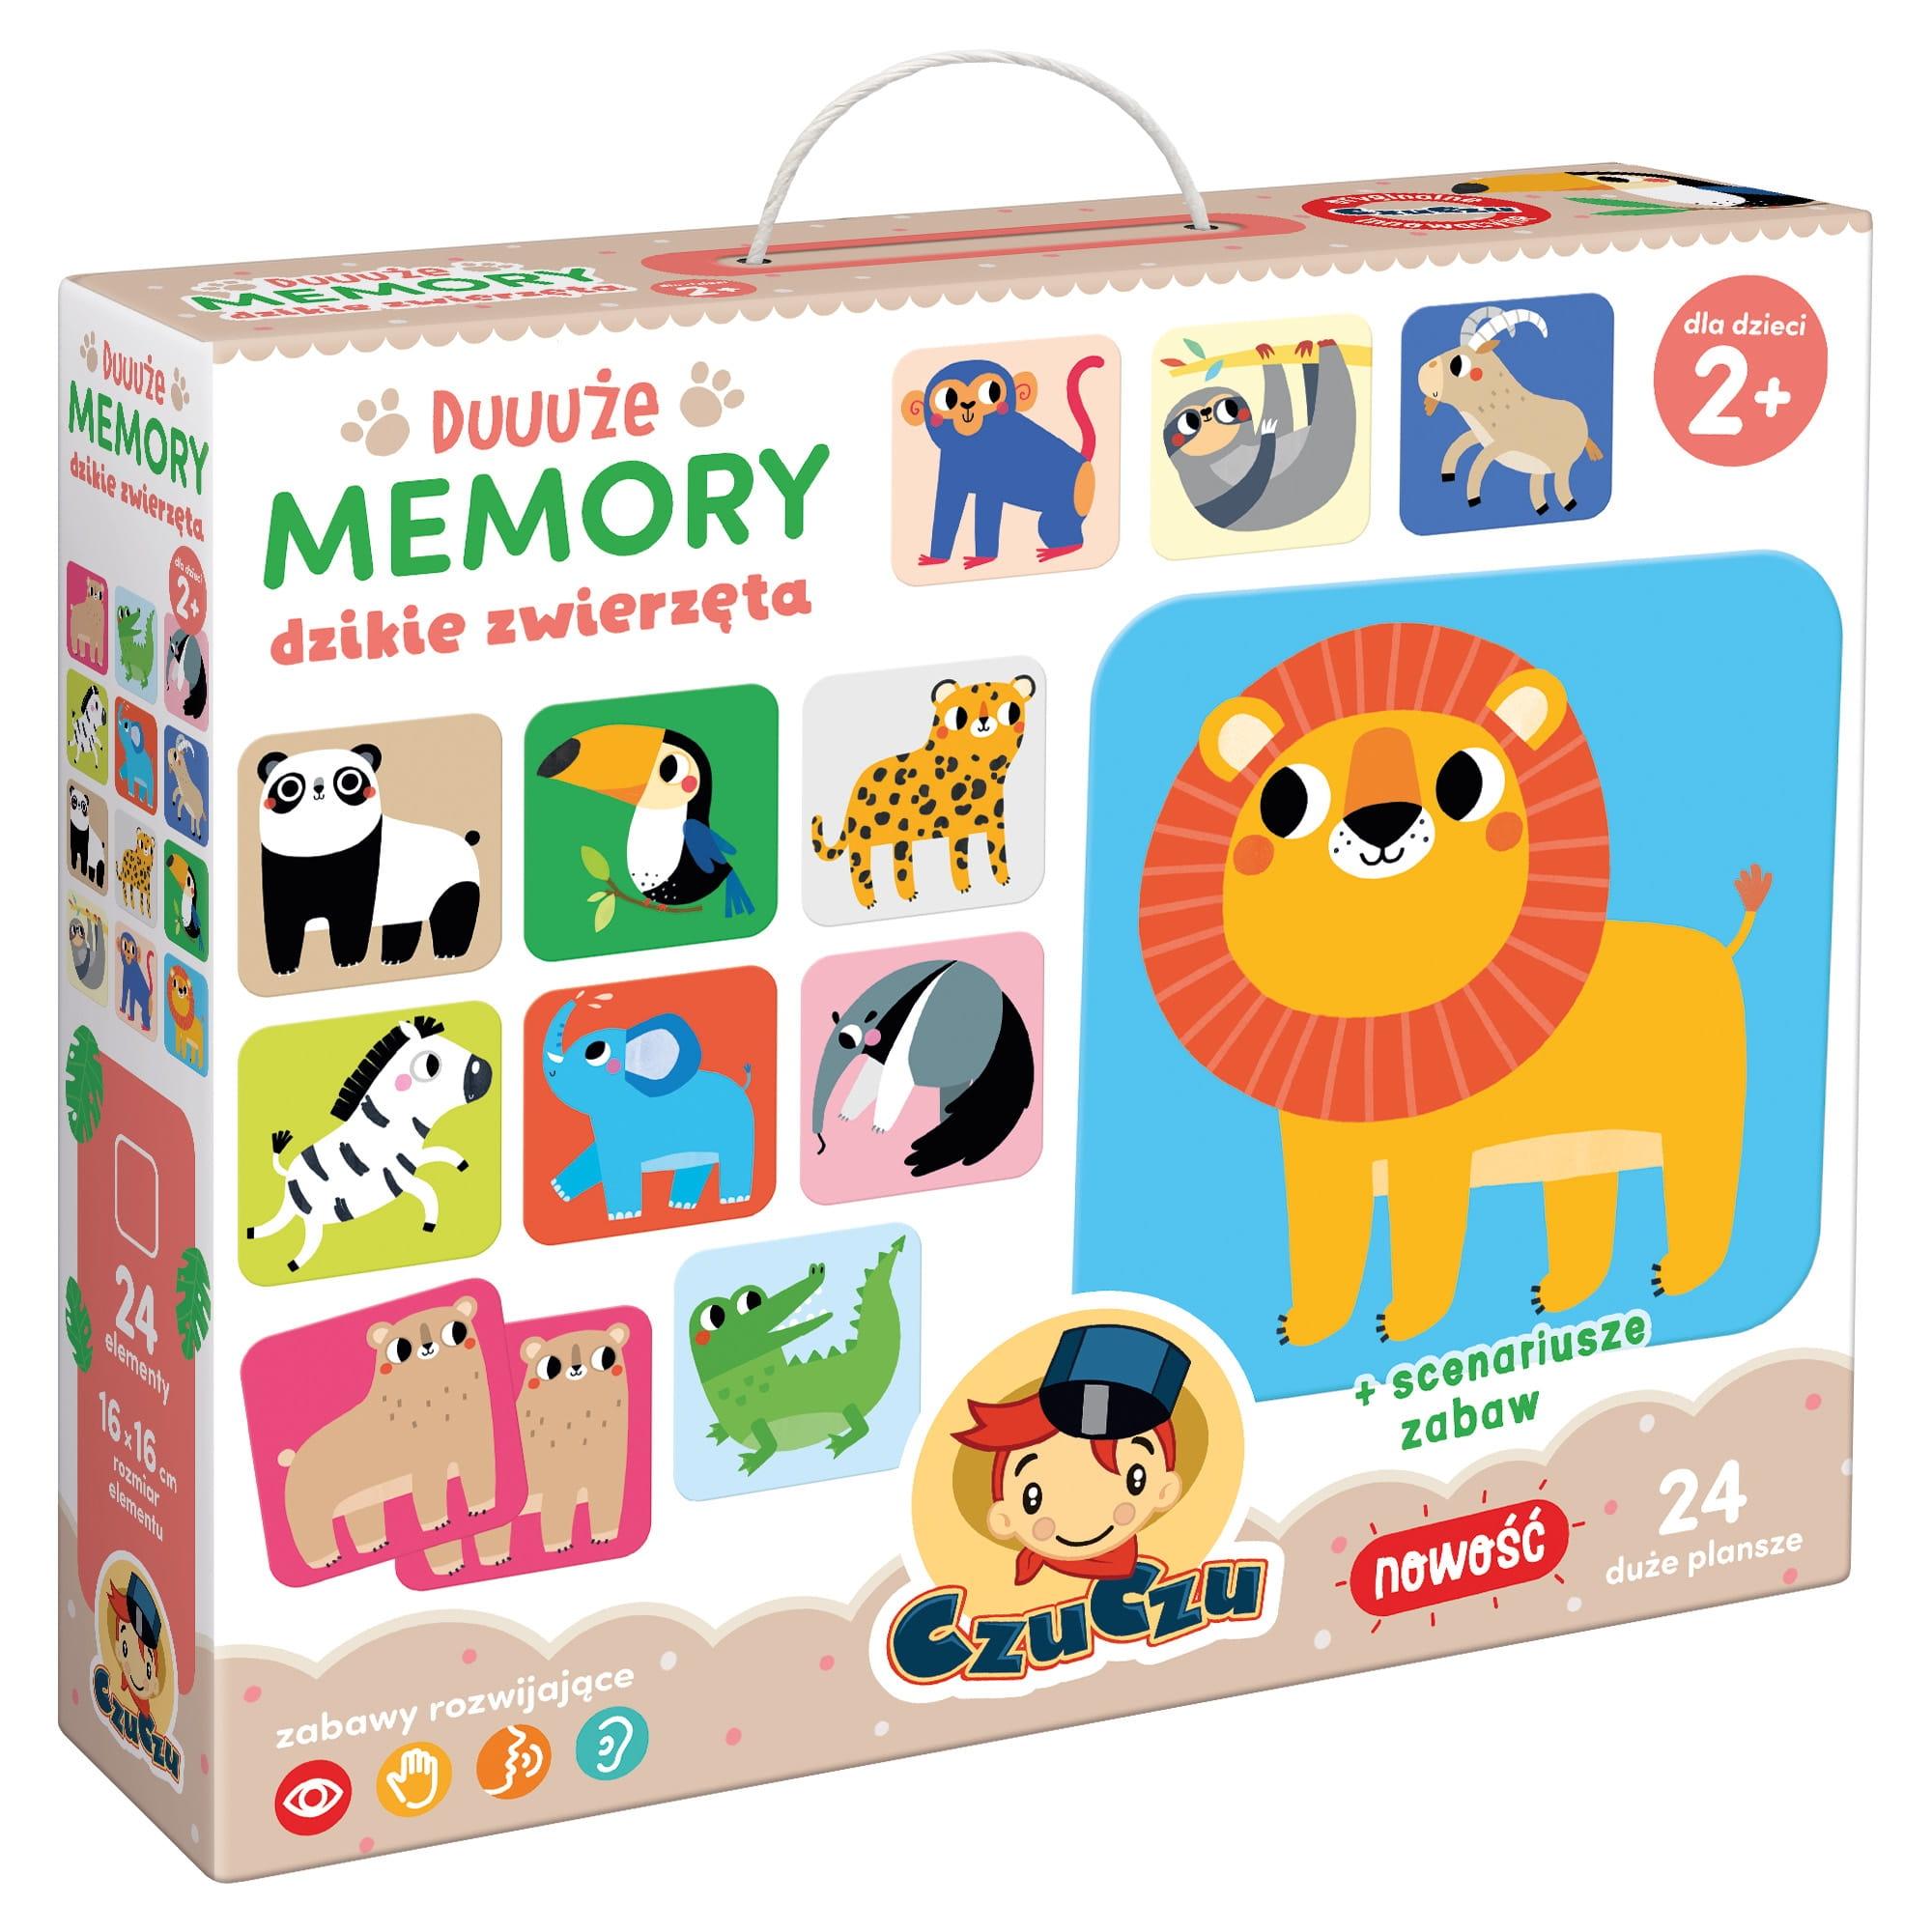 Duuuże memory - Dzikie zwierzęta